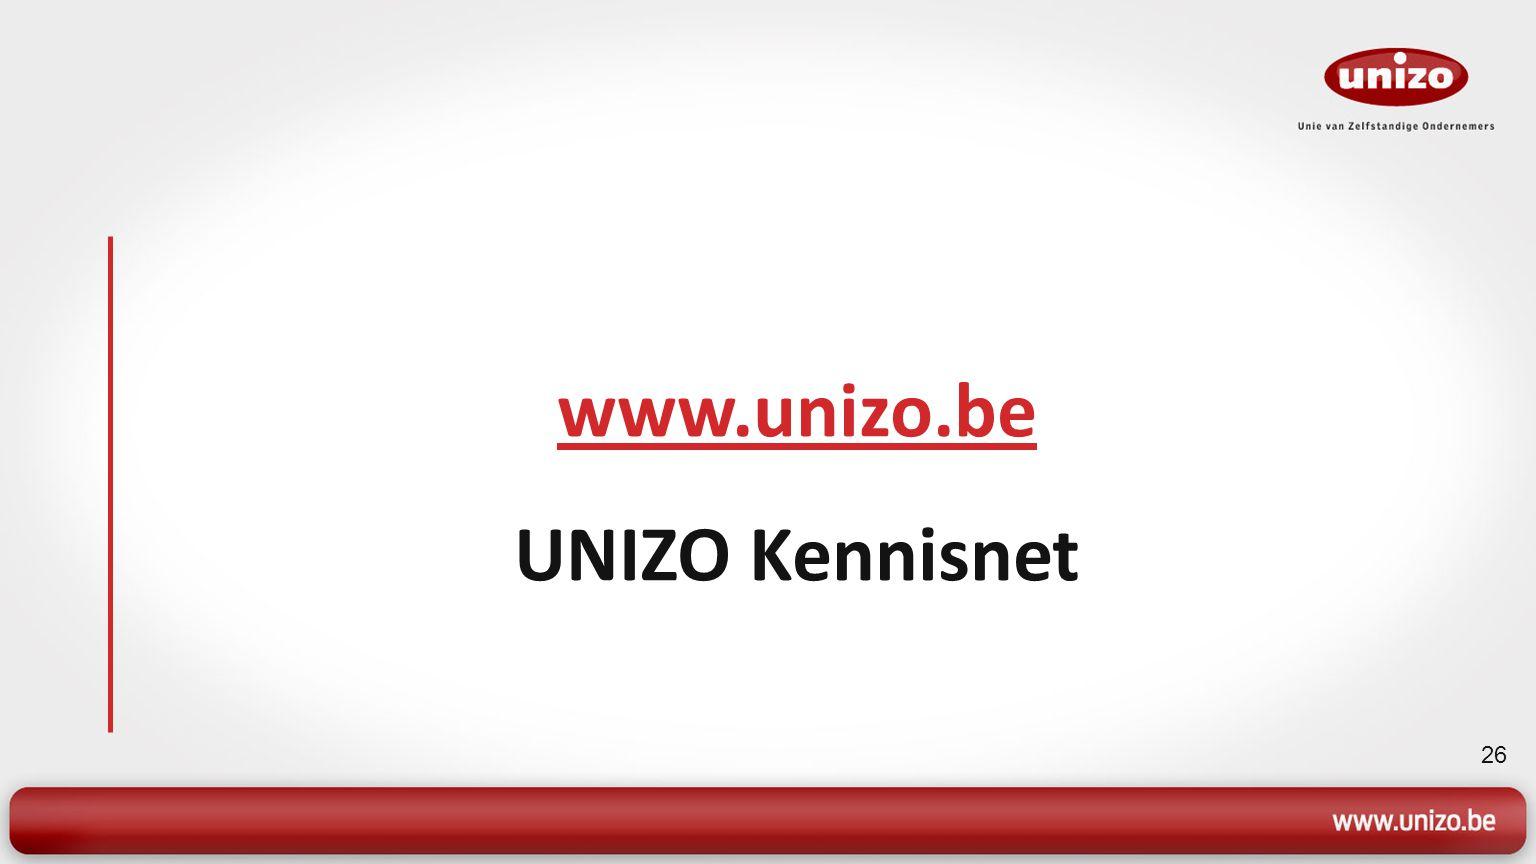 26 www.unizo.be UNIZO Kennisnet